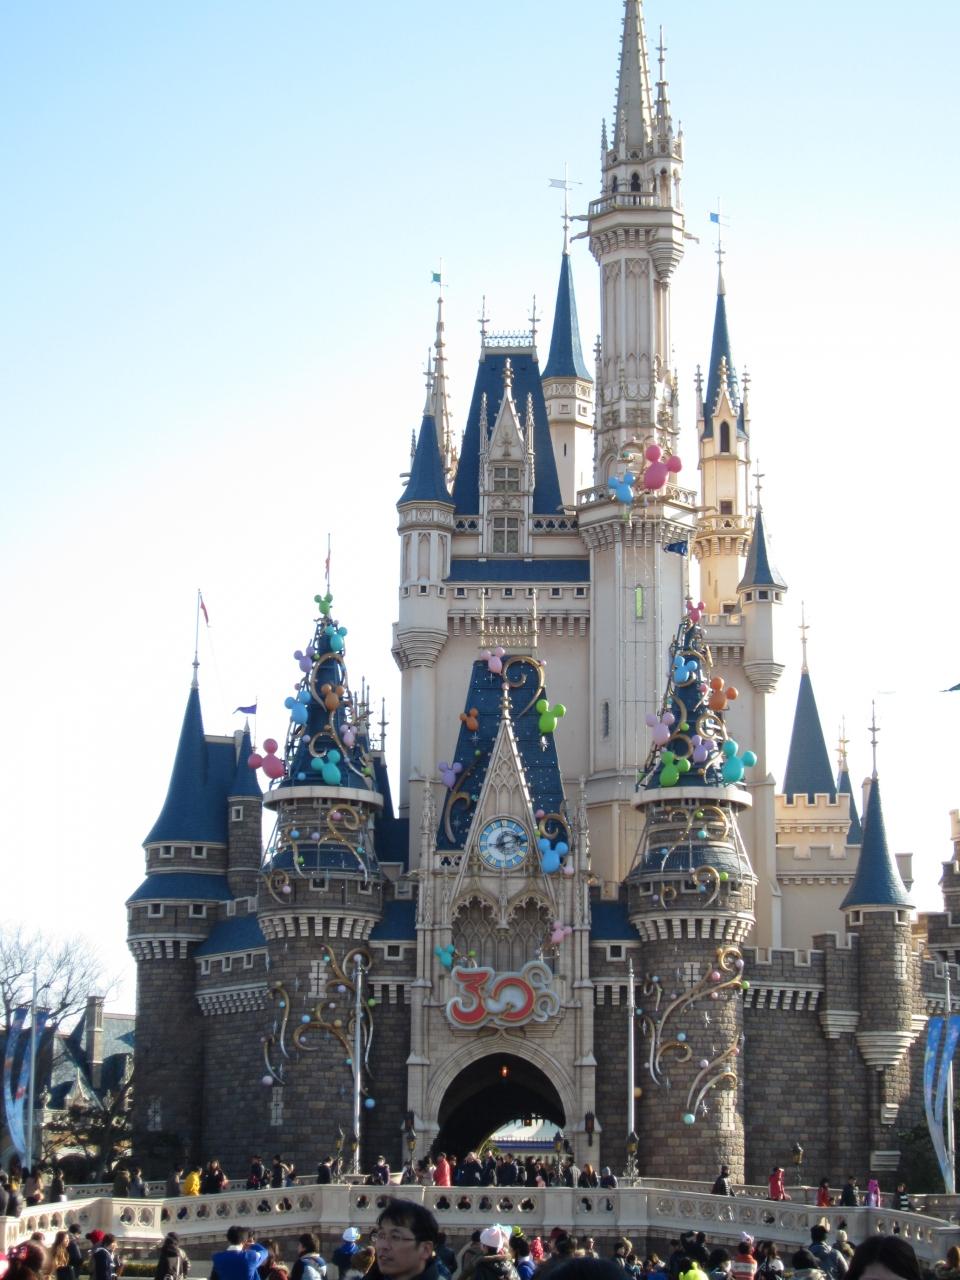 東京ディズニーランド&東京観光』東京の旅行記・ブログ by bigさん